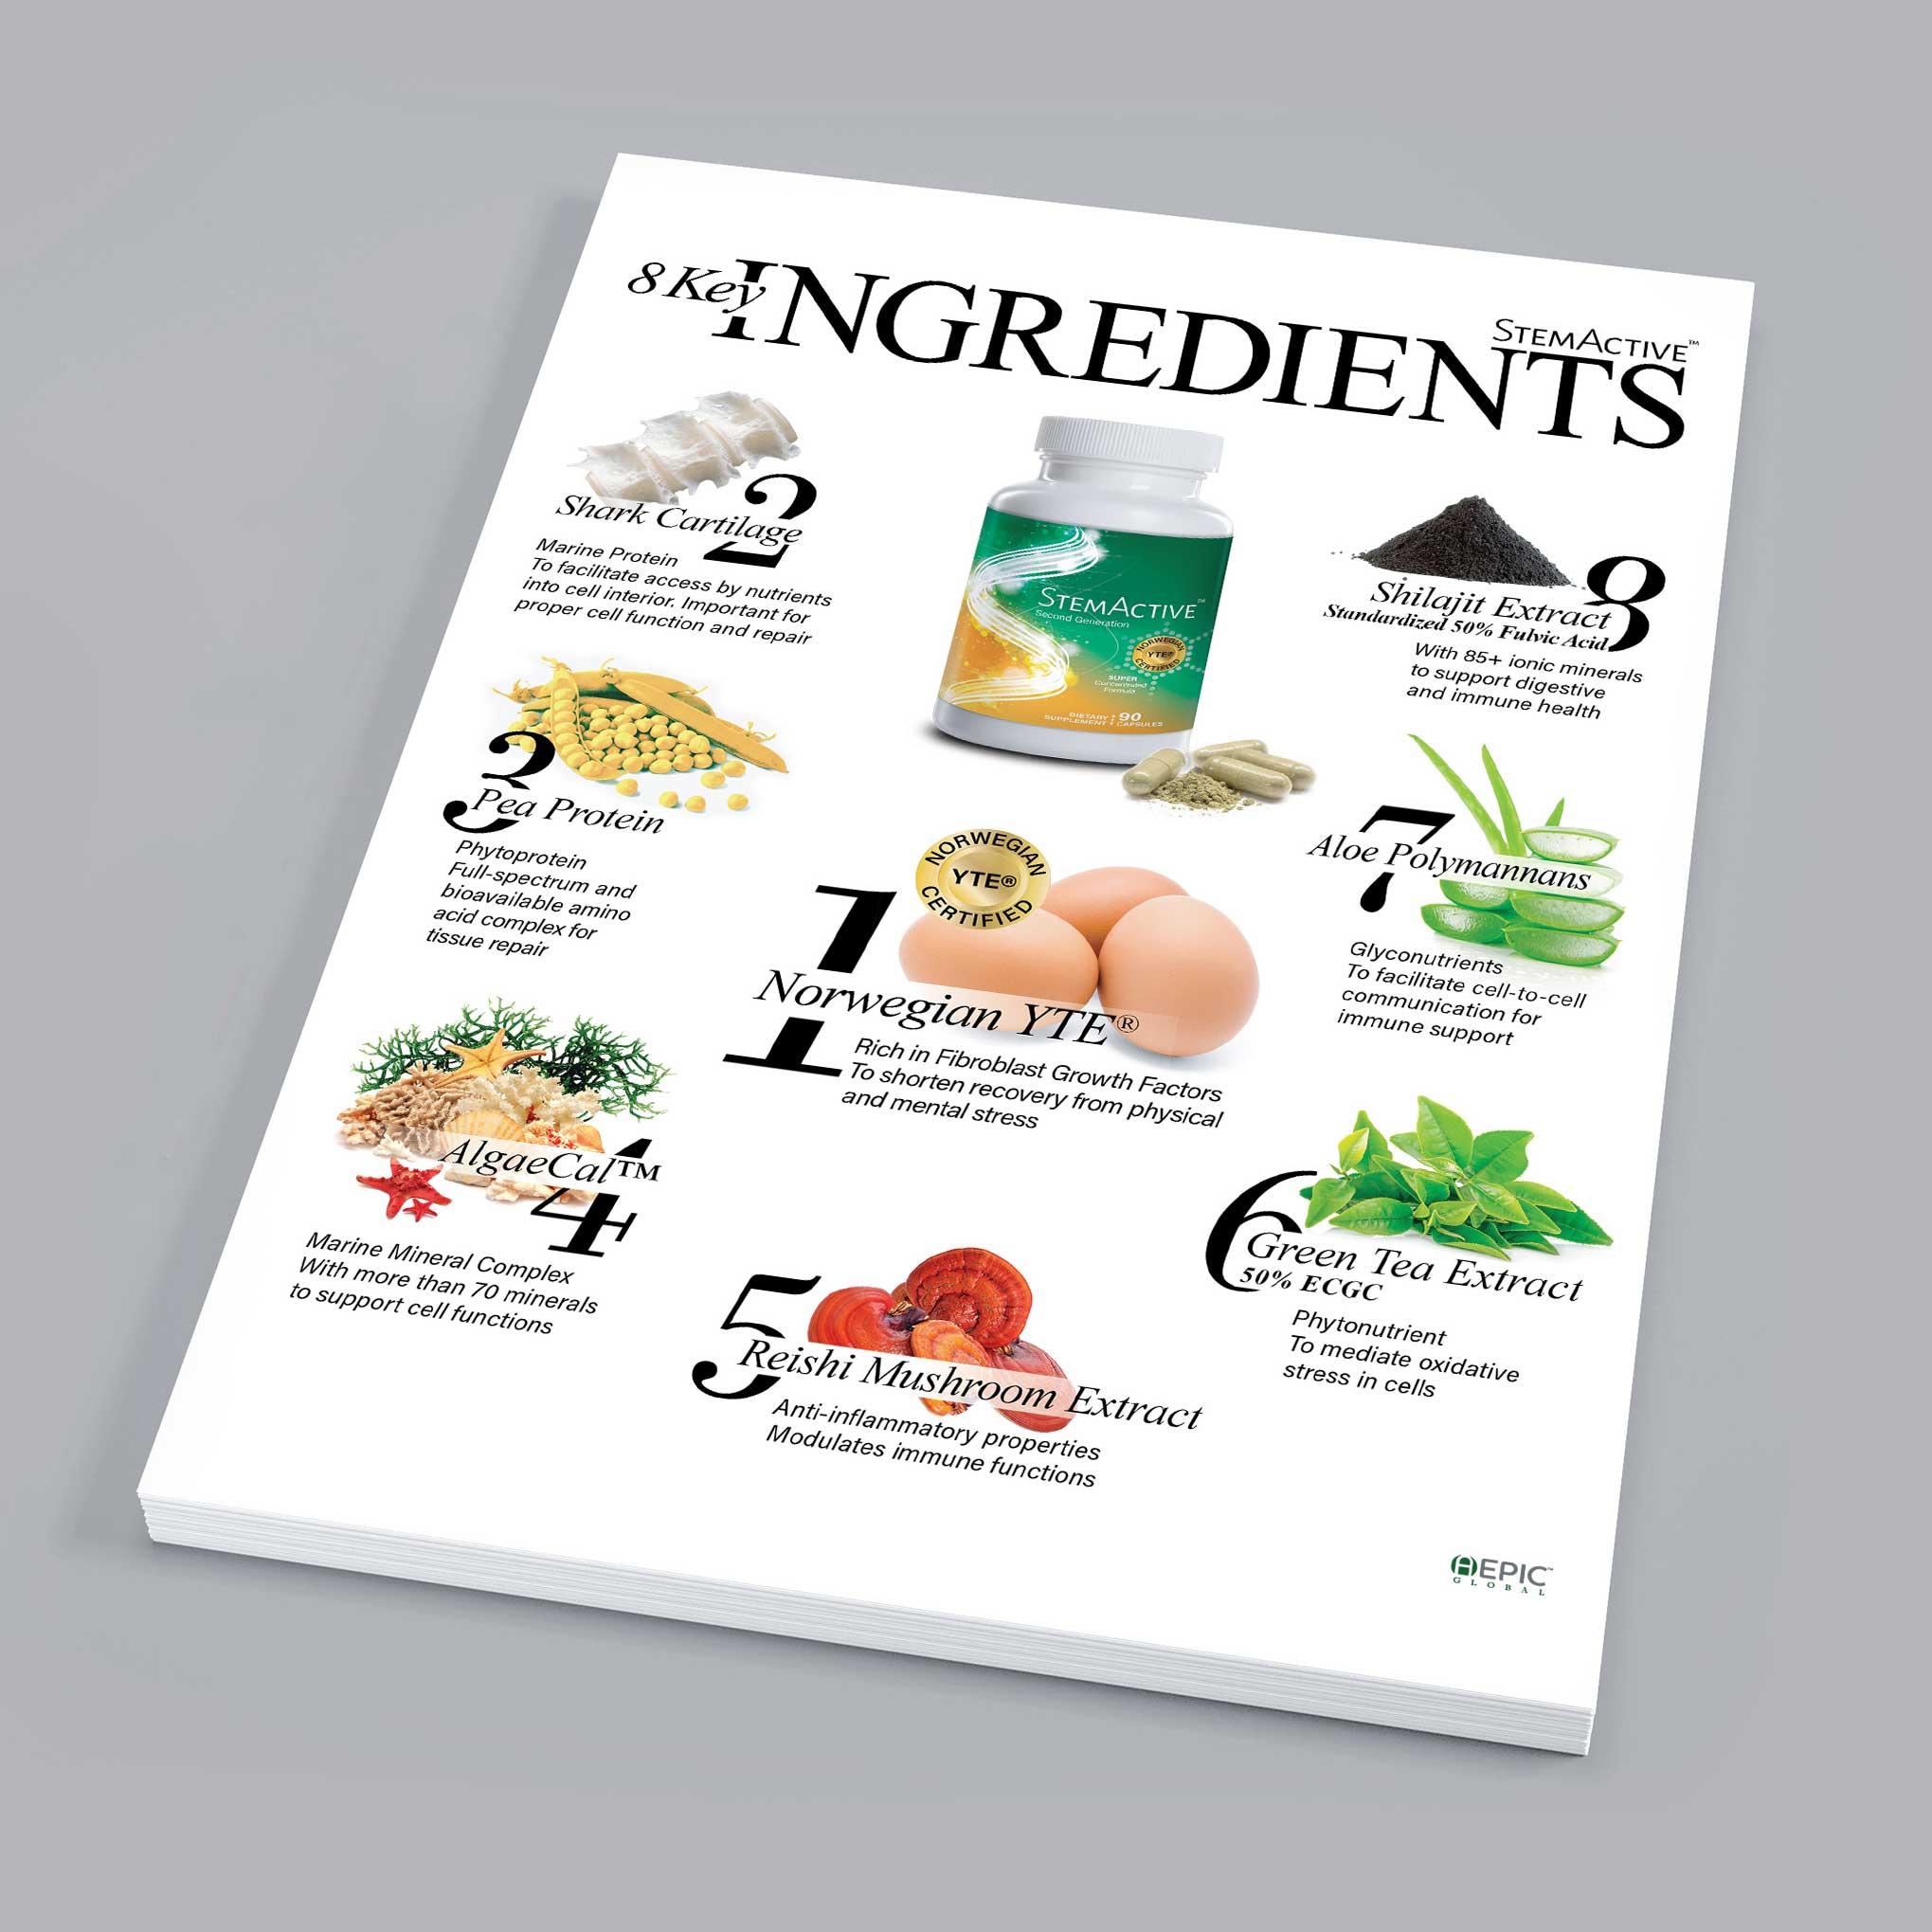 8 key Ingredients brochure